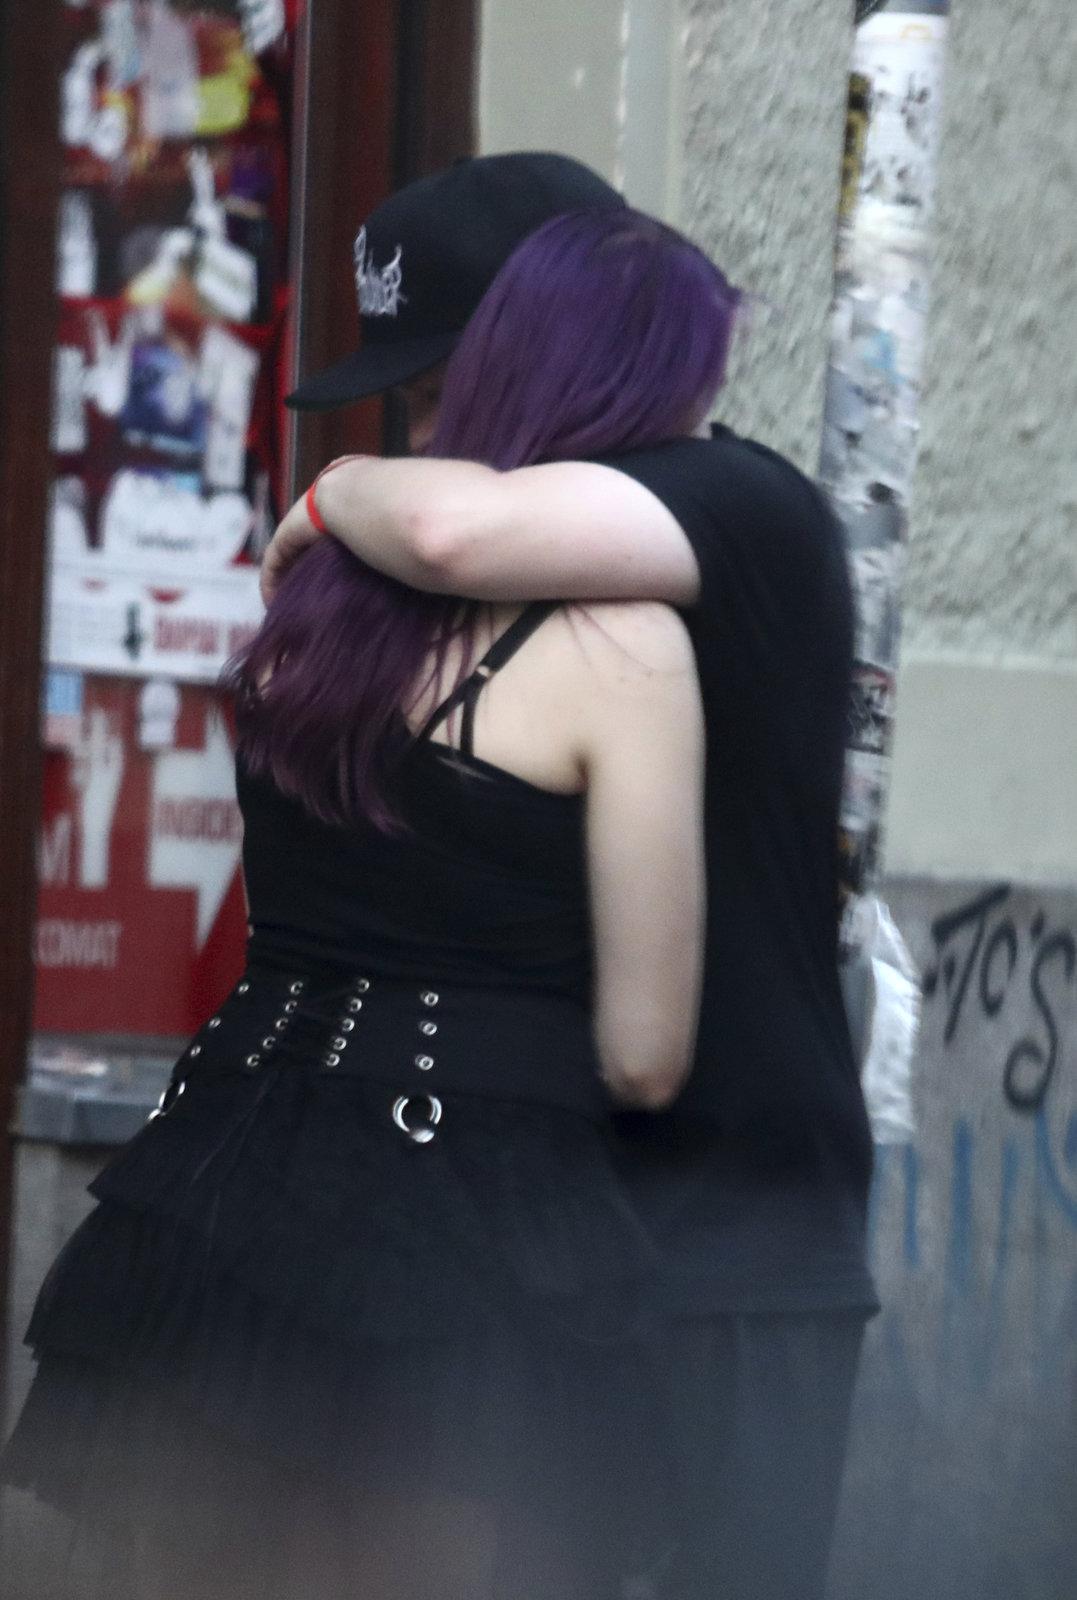 Artur Štaidl svou dívku objímal.